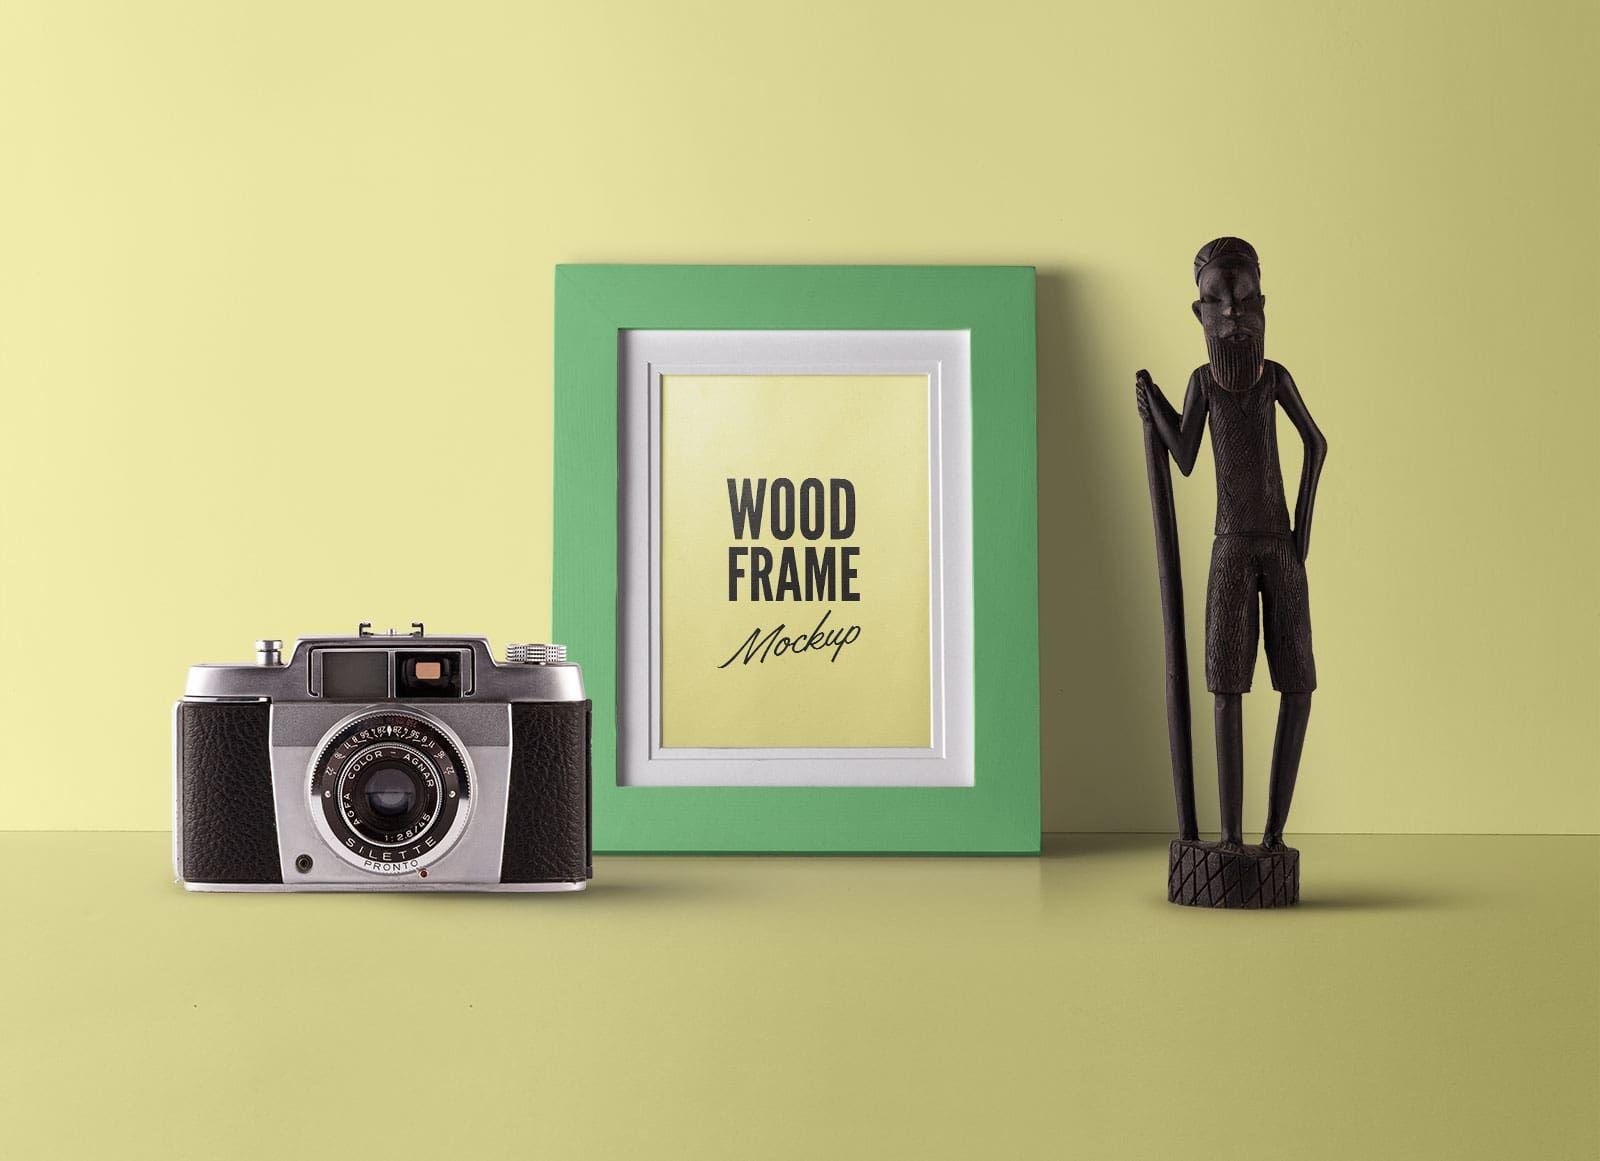 Free Fully Customizable Wood Photo Frame Mockup Psd Frame Mockups Wood Photo Frame Photo On Wood